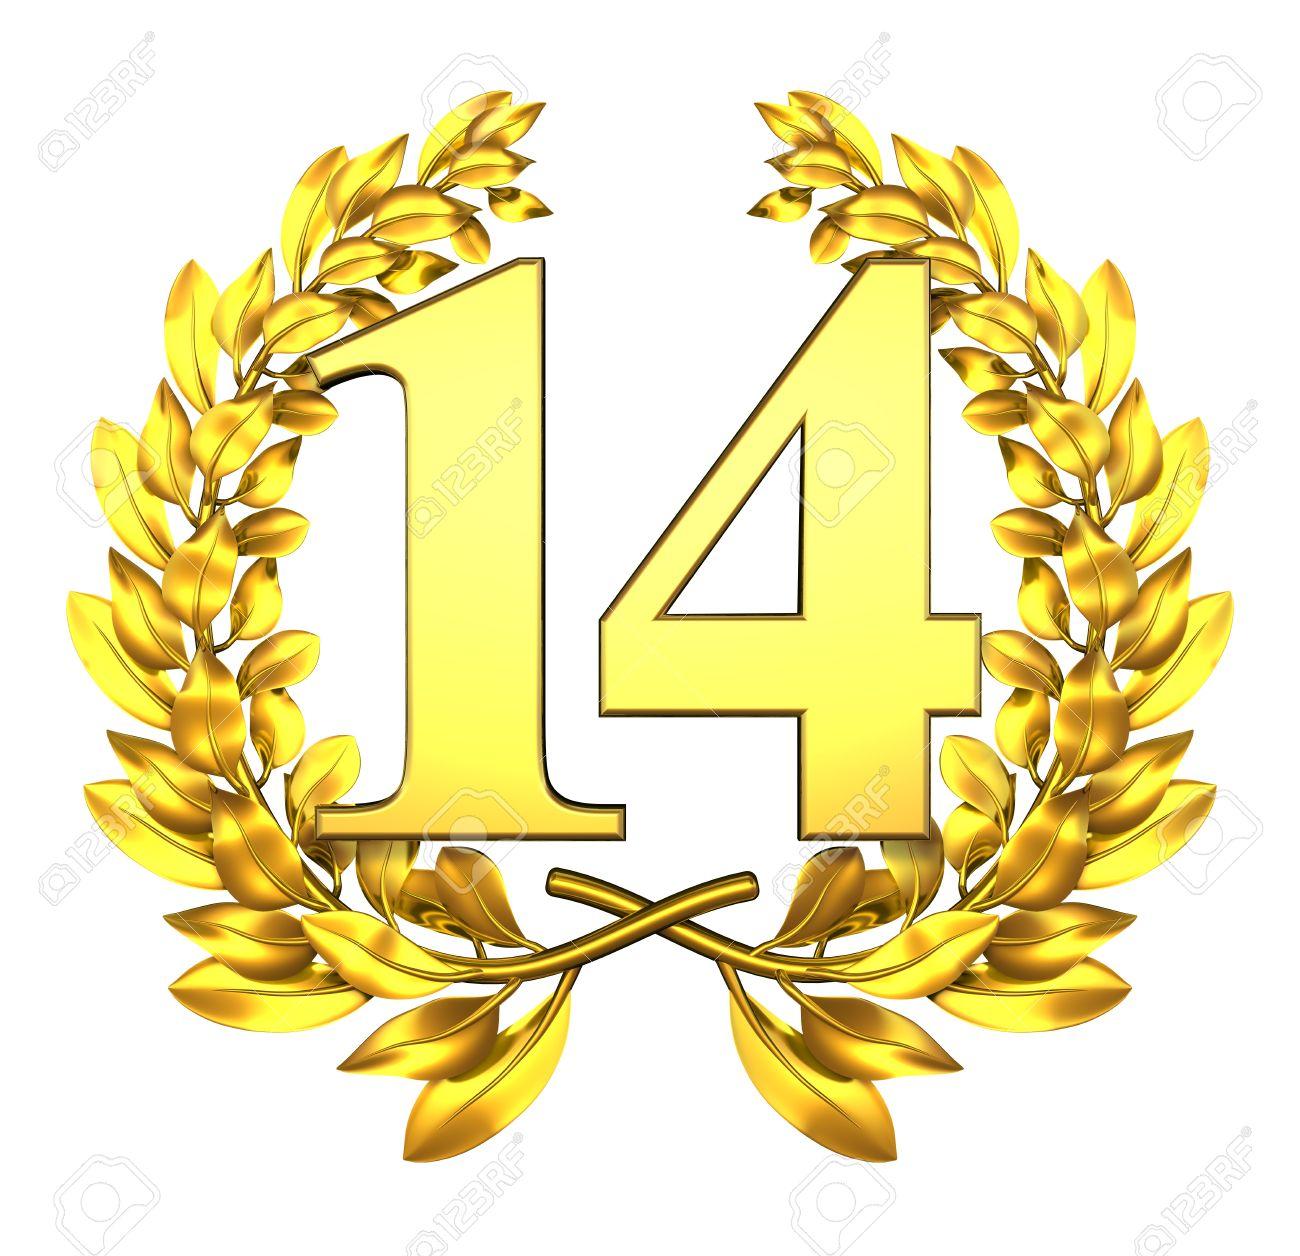 Εικόνες με αριθμούς! - Σελίδα 2 11791028-number-fourteen-golden-laurel-wreath-with-the-number-fourteen-inside